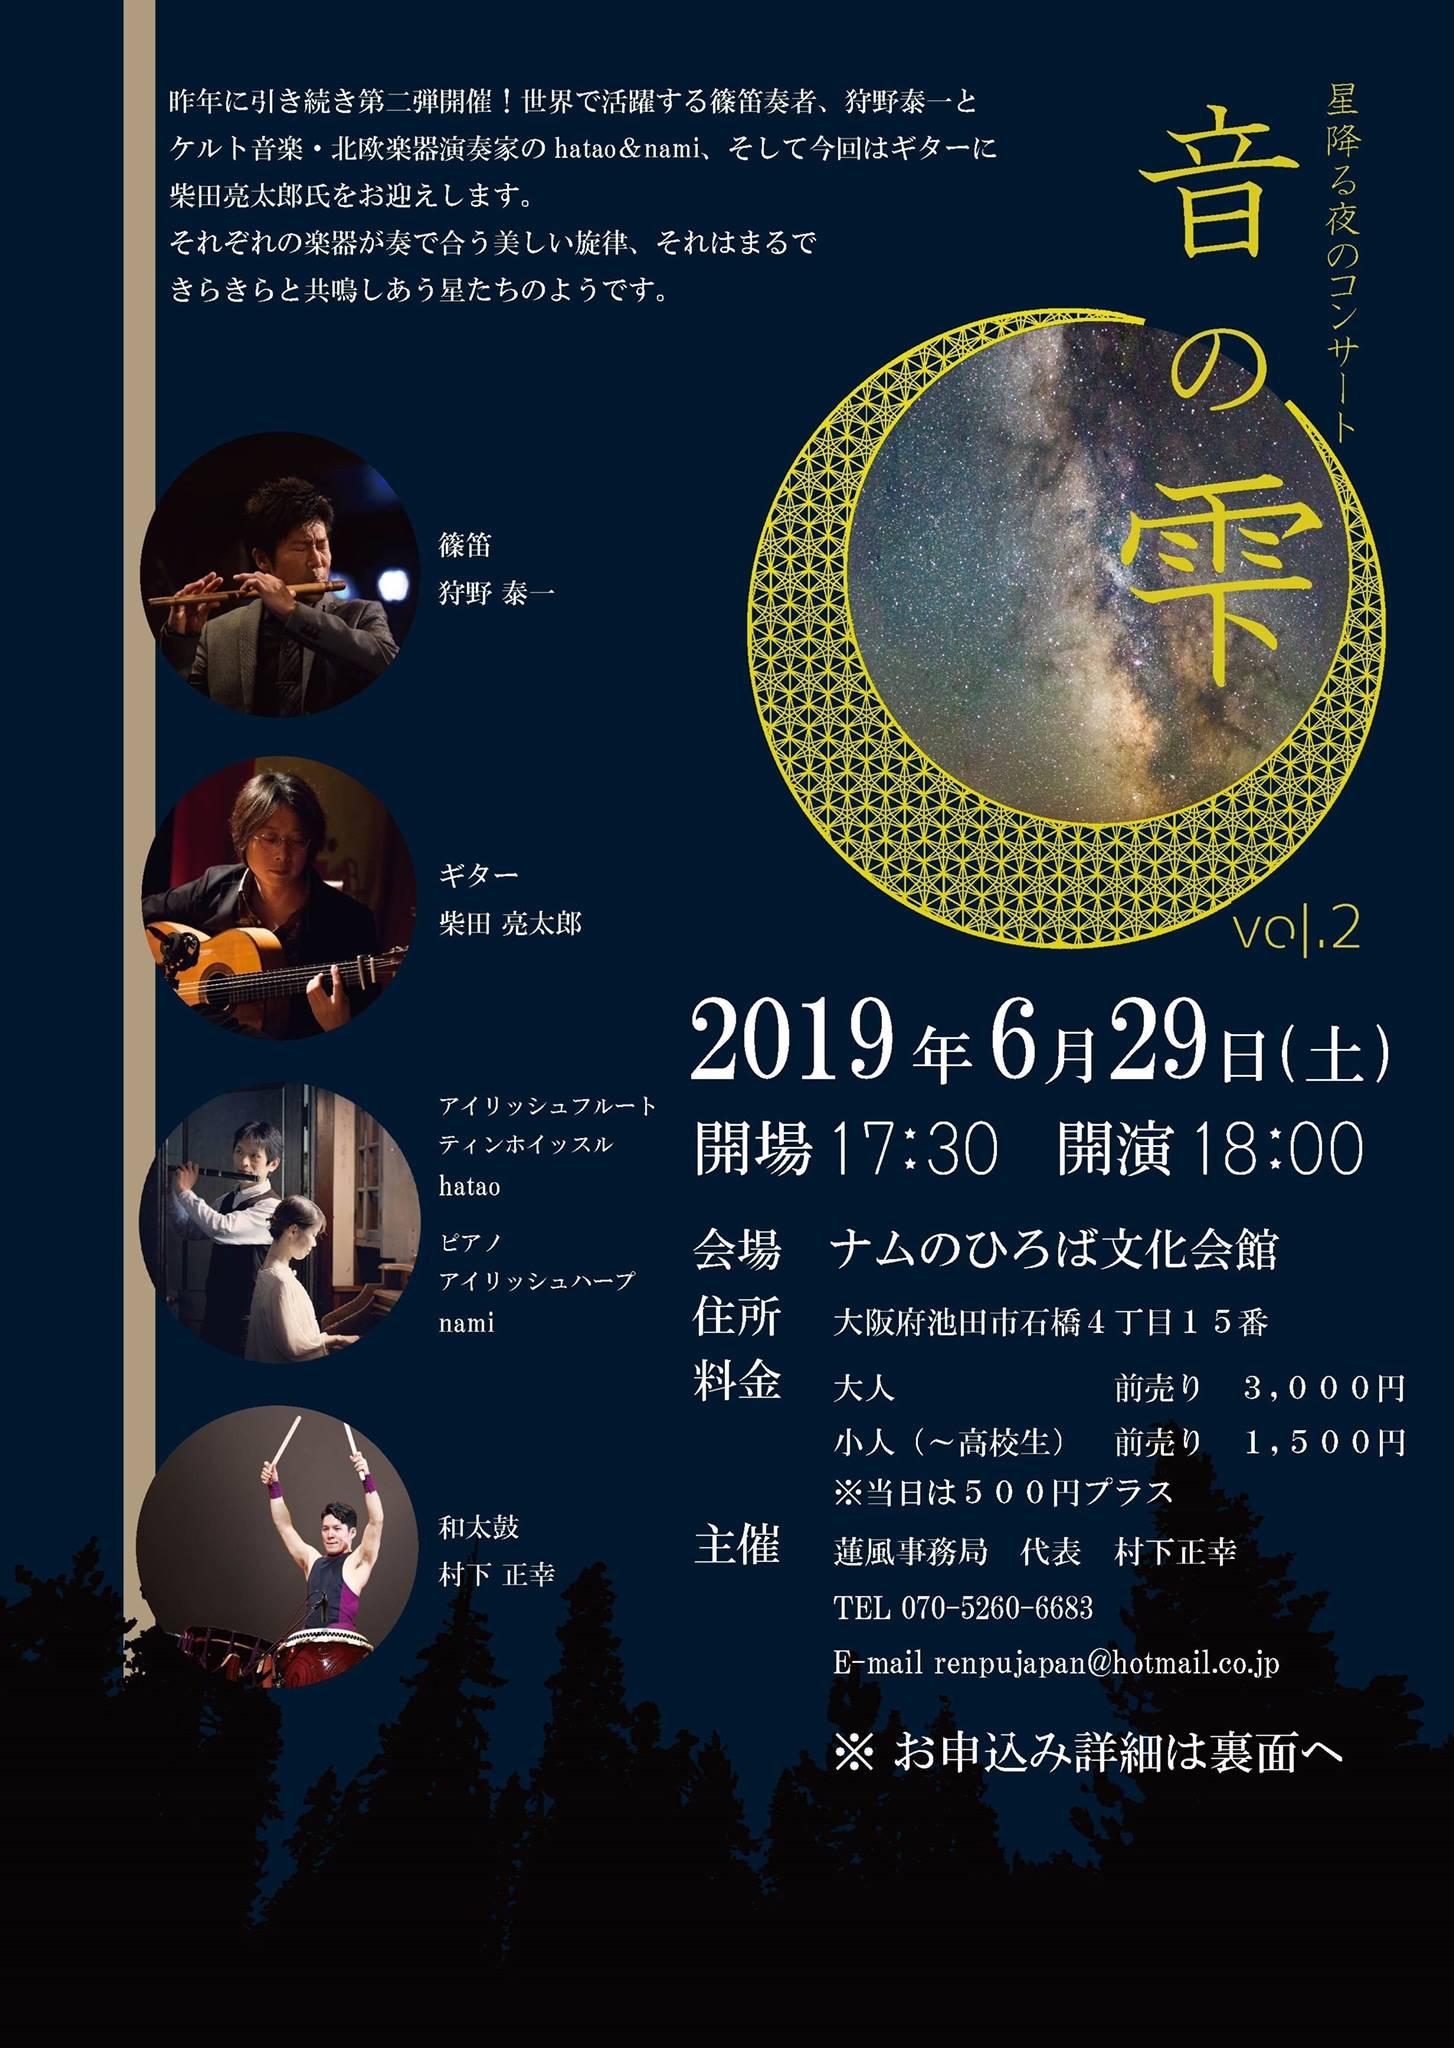 音の雫     〜星降る夜のコンサート〜